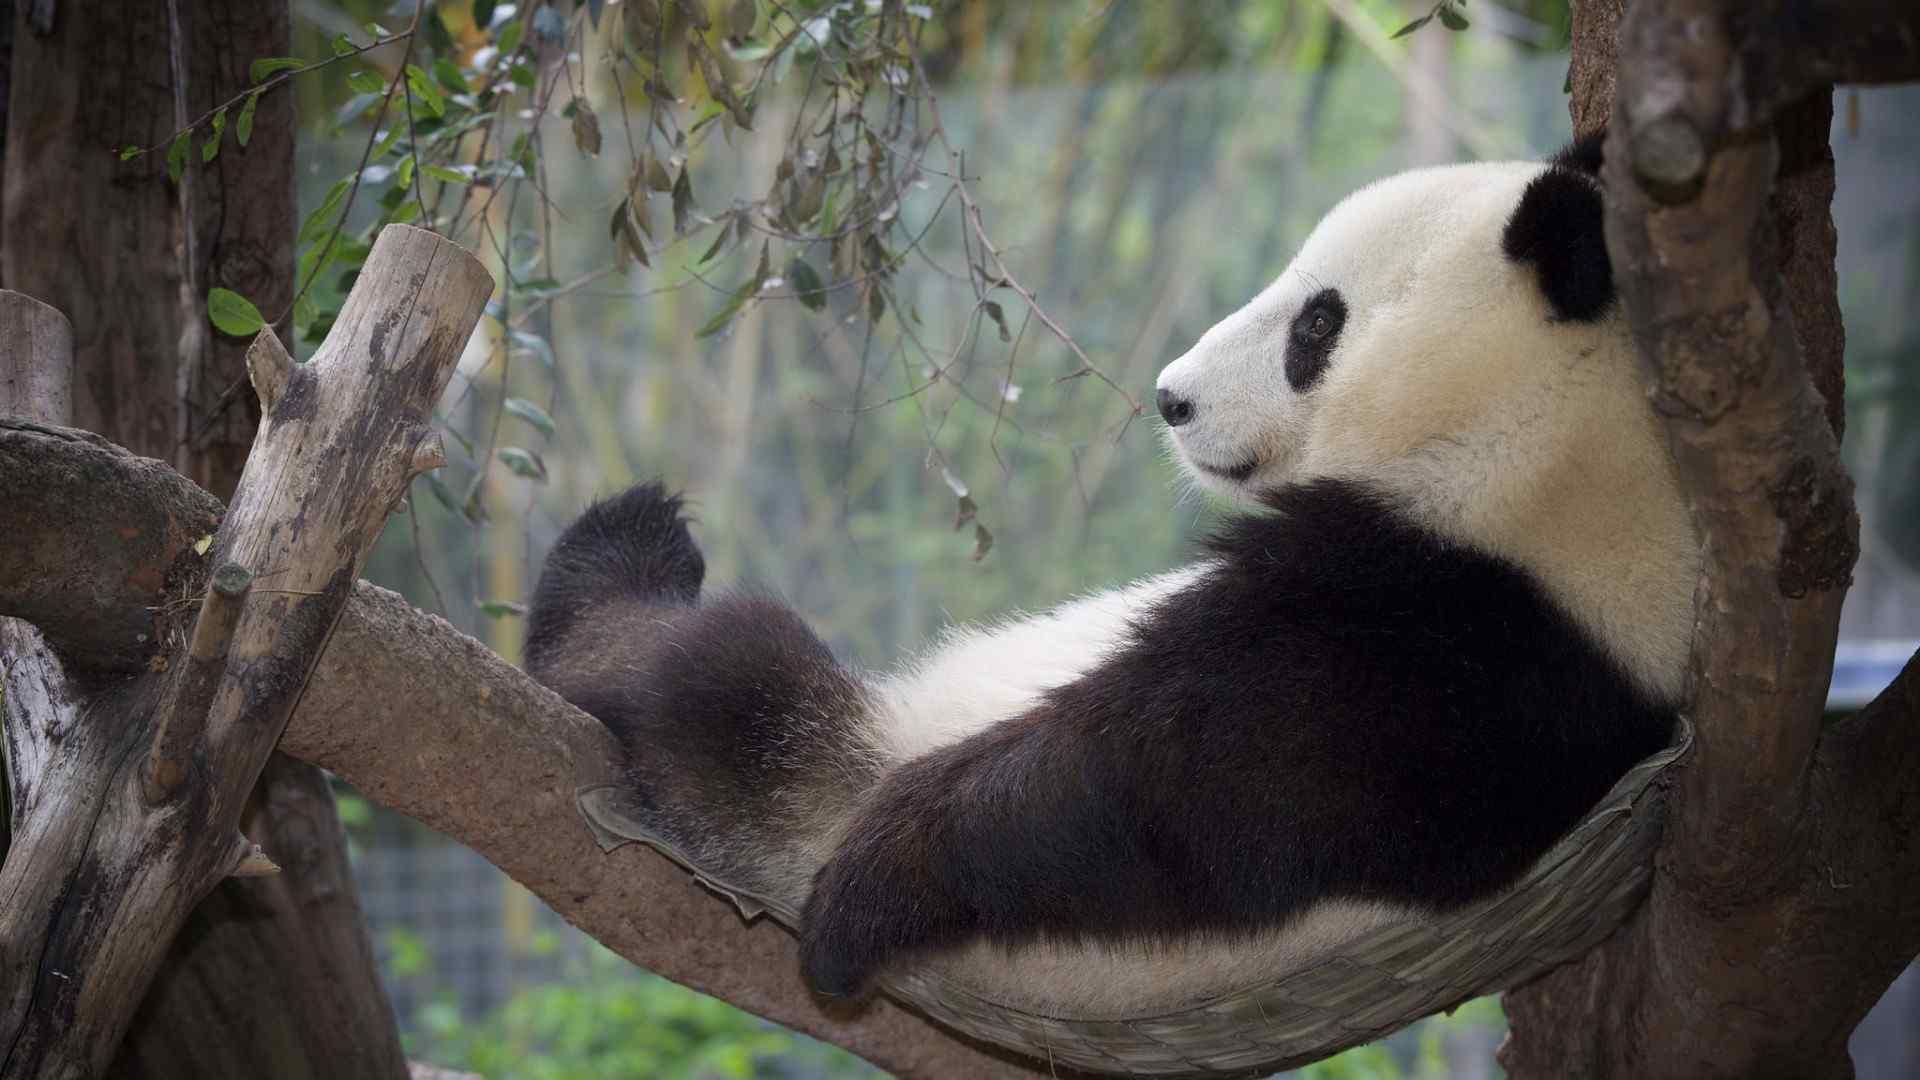 超可爱大熊猫睡觉壁纸